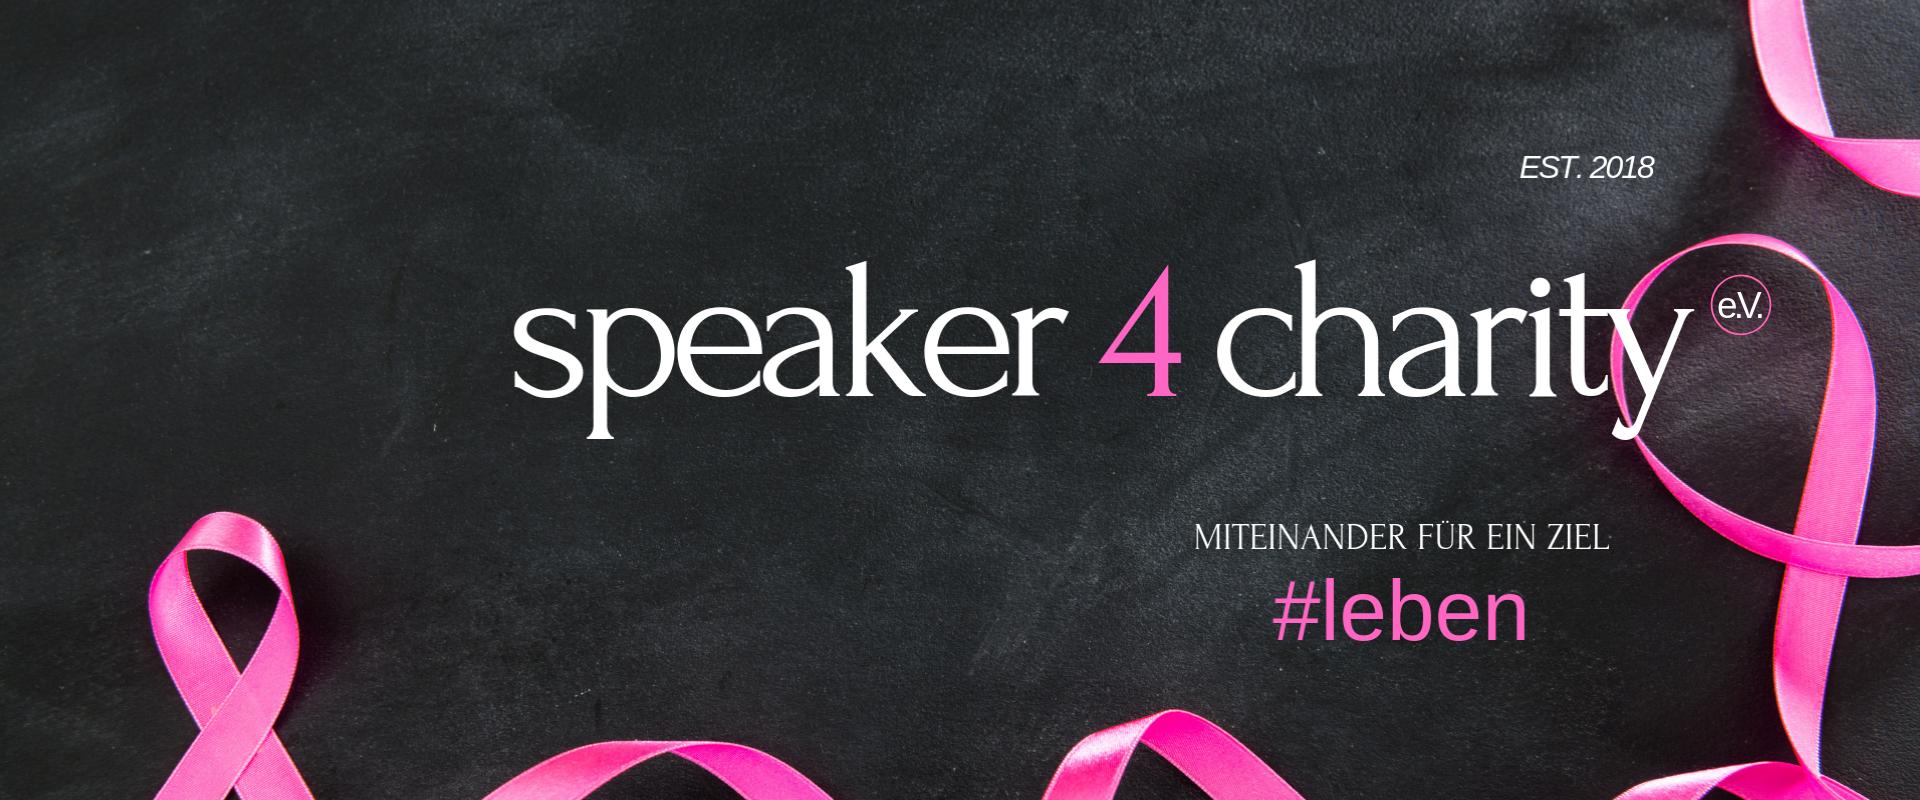 Header banner speaker 4 charity